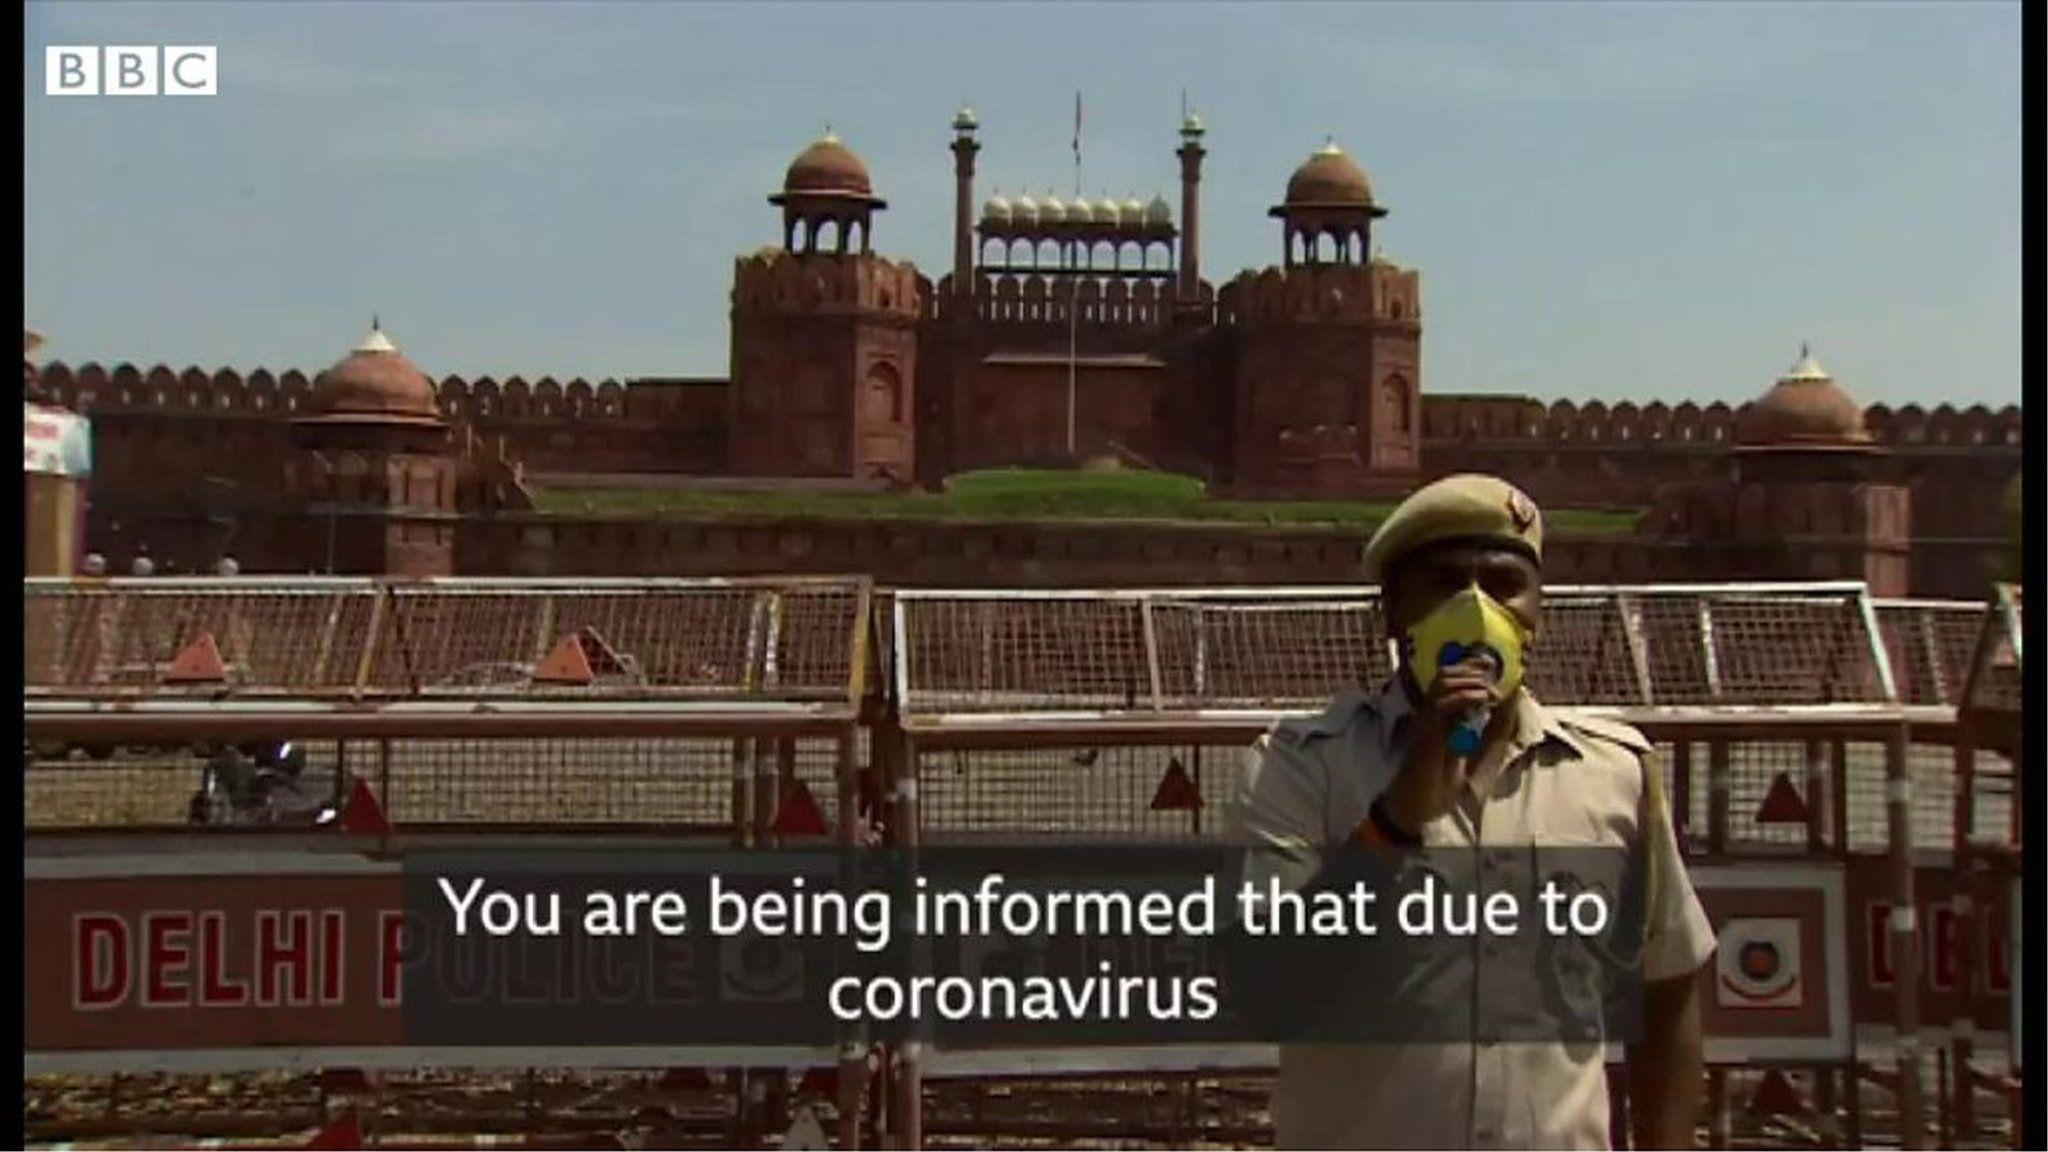 インドで21日間の封鎖始まる、帰りそびれた人も 新型コロナウイルス